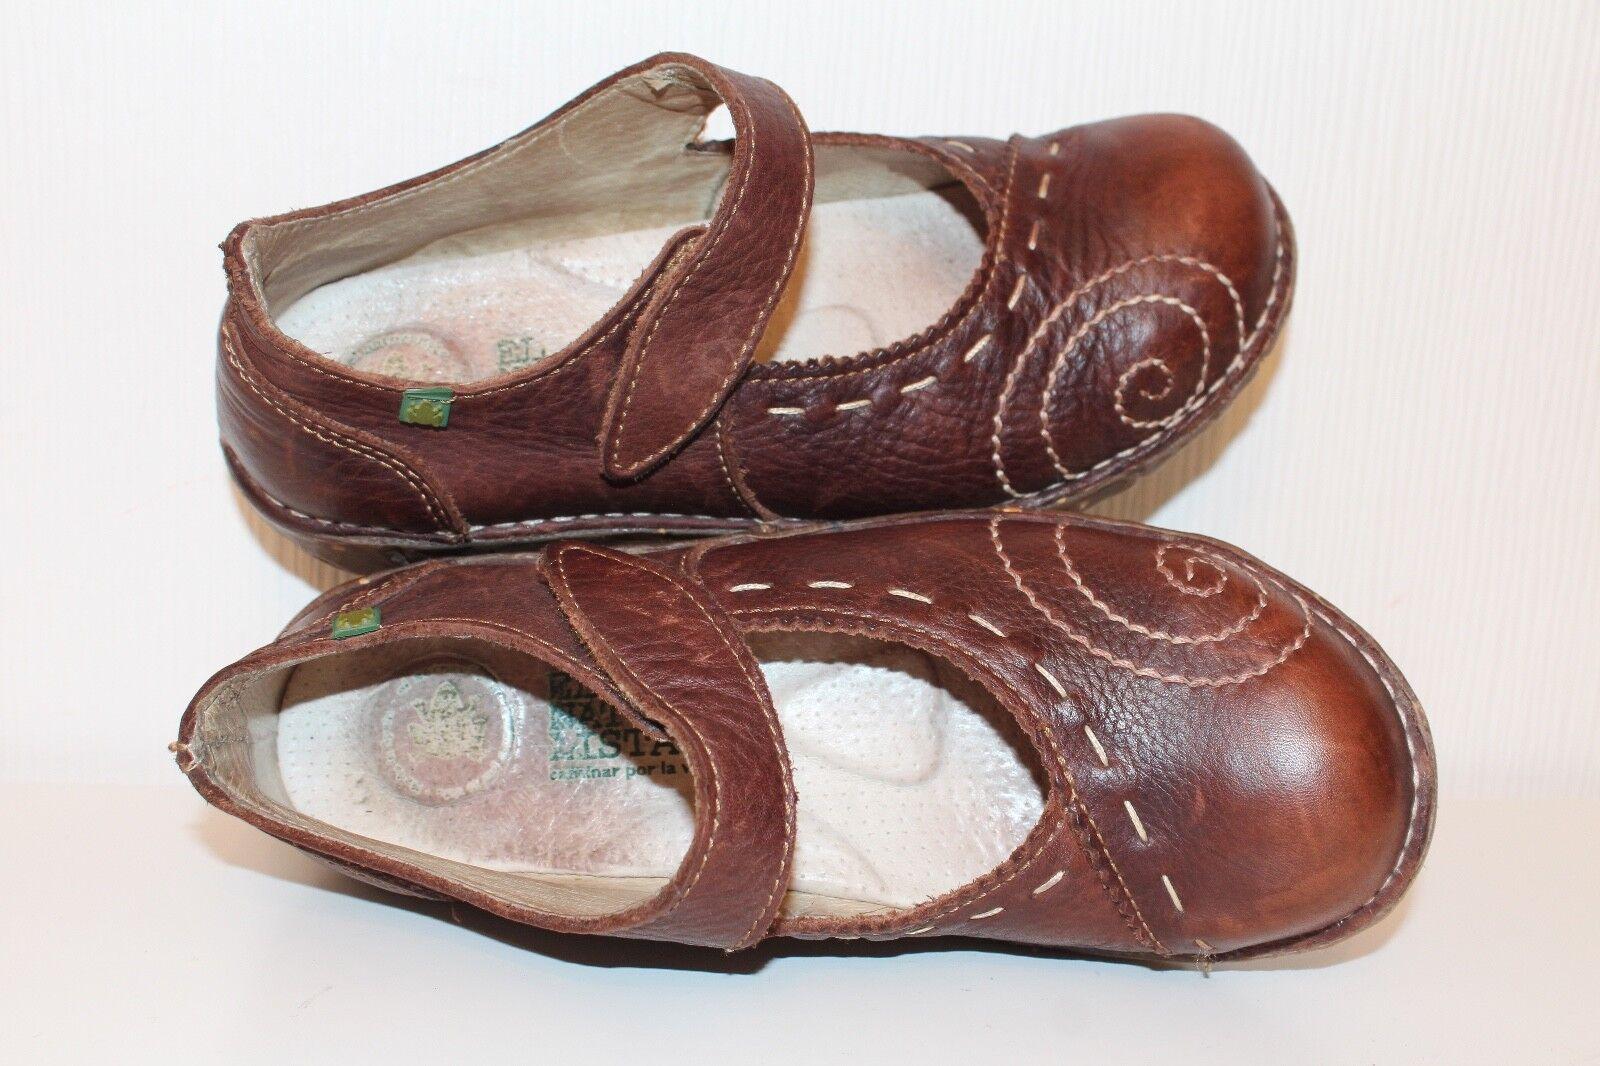 EL NATURALISTA Damen Schuhe ECHT LEDER 37 COGNAC RIEMCHENBALLERINA Lagenlook Lagenlook Lagenlook UK4 1799de